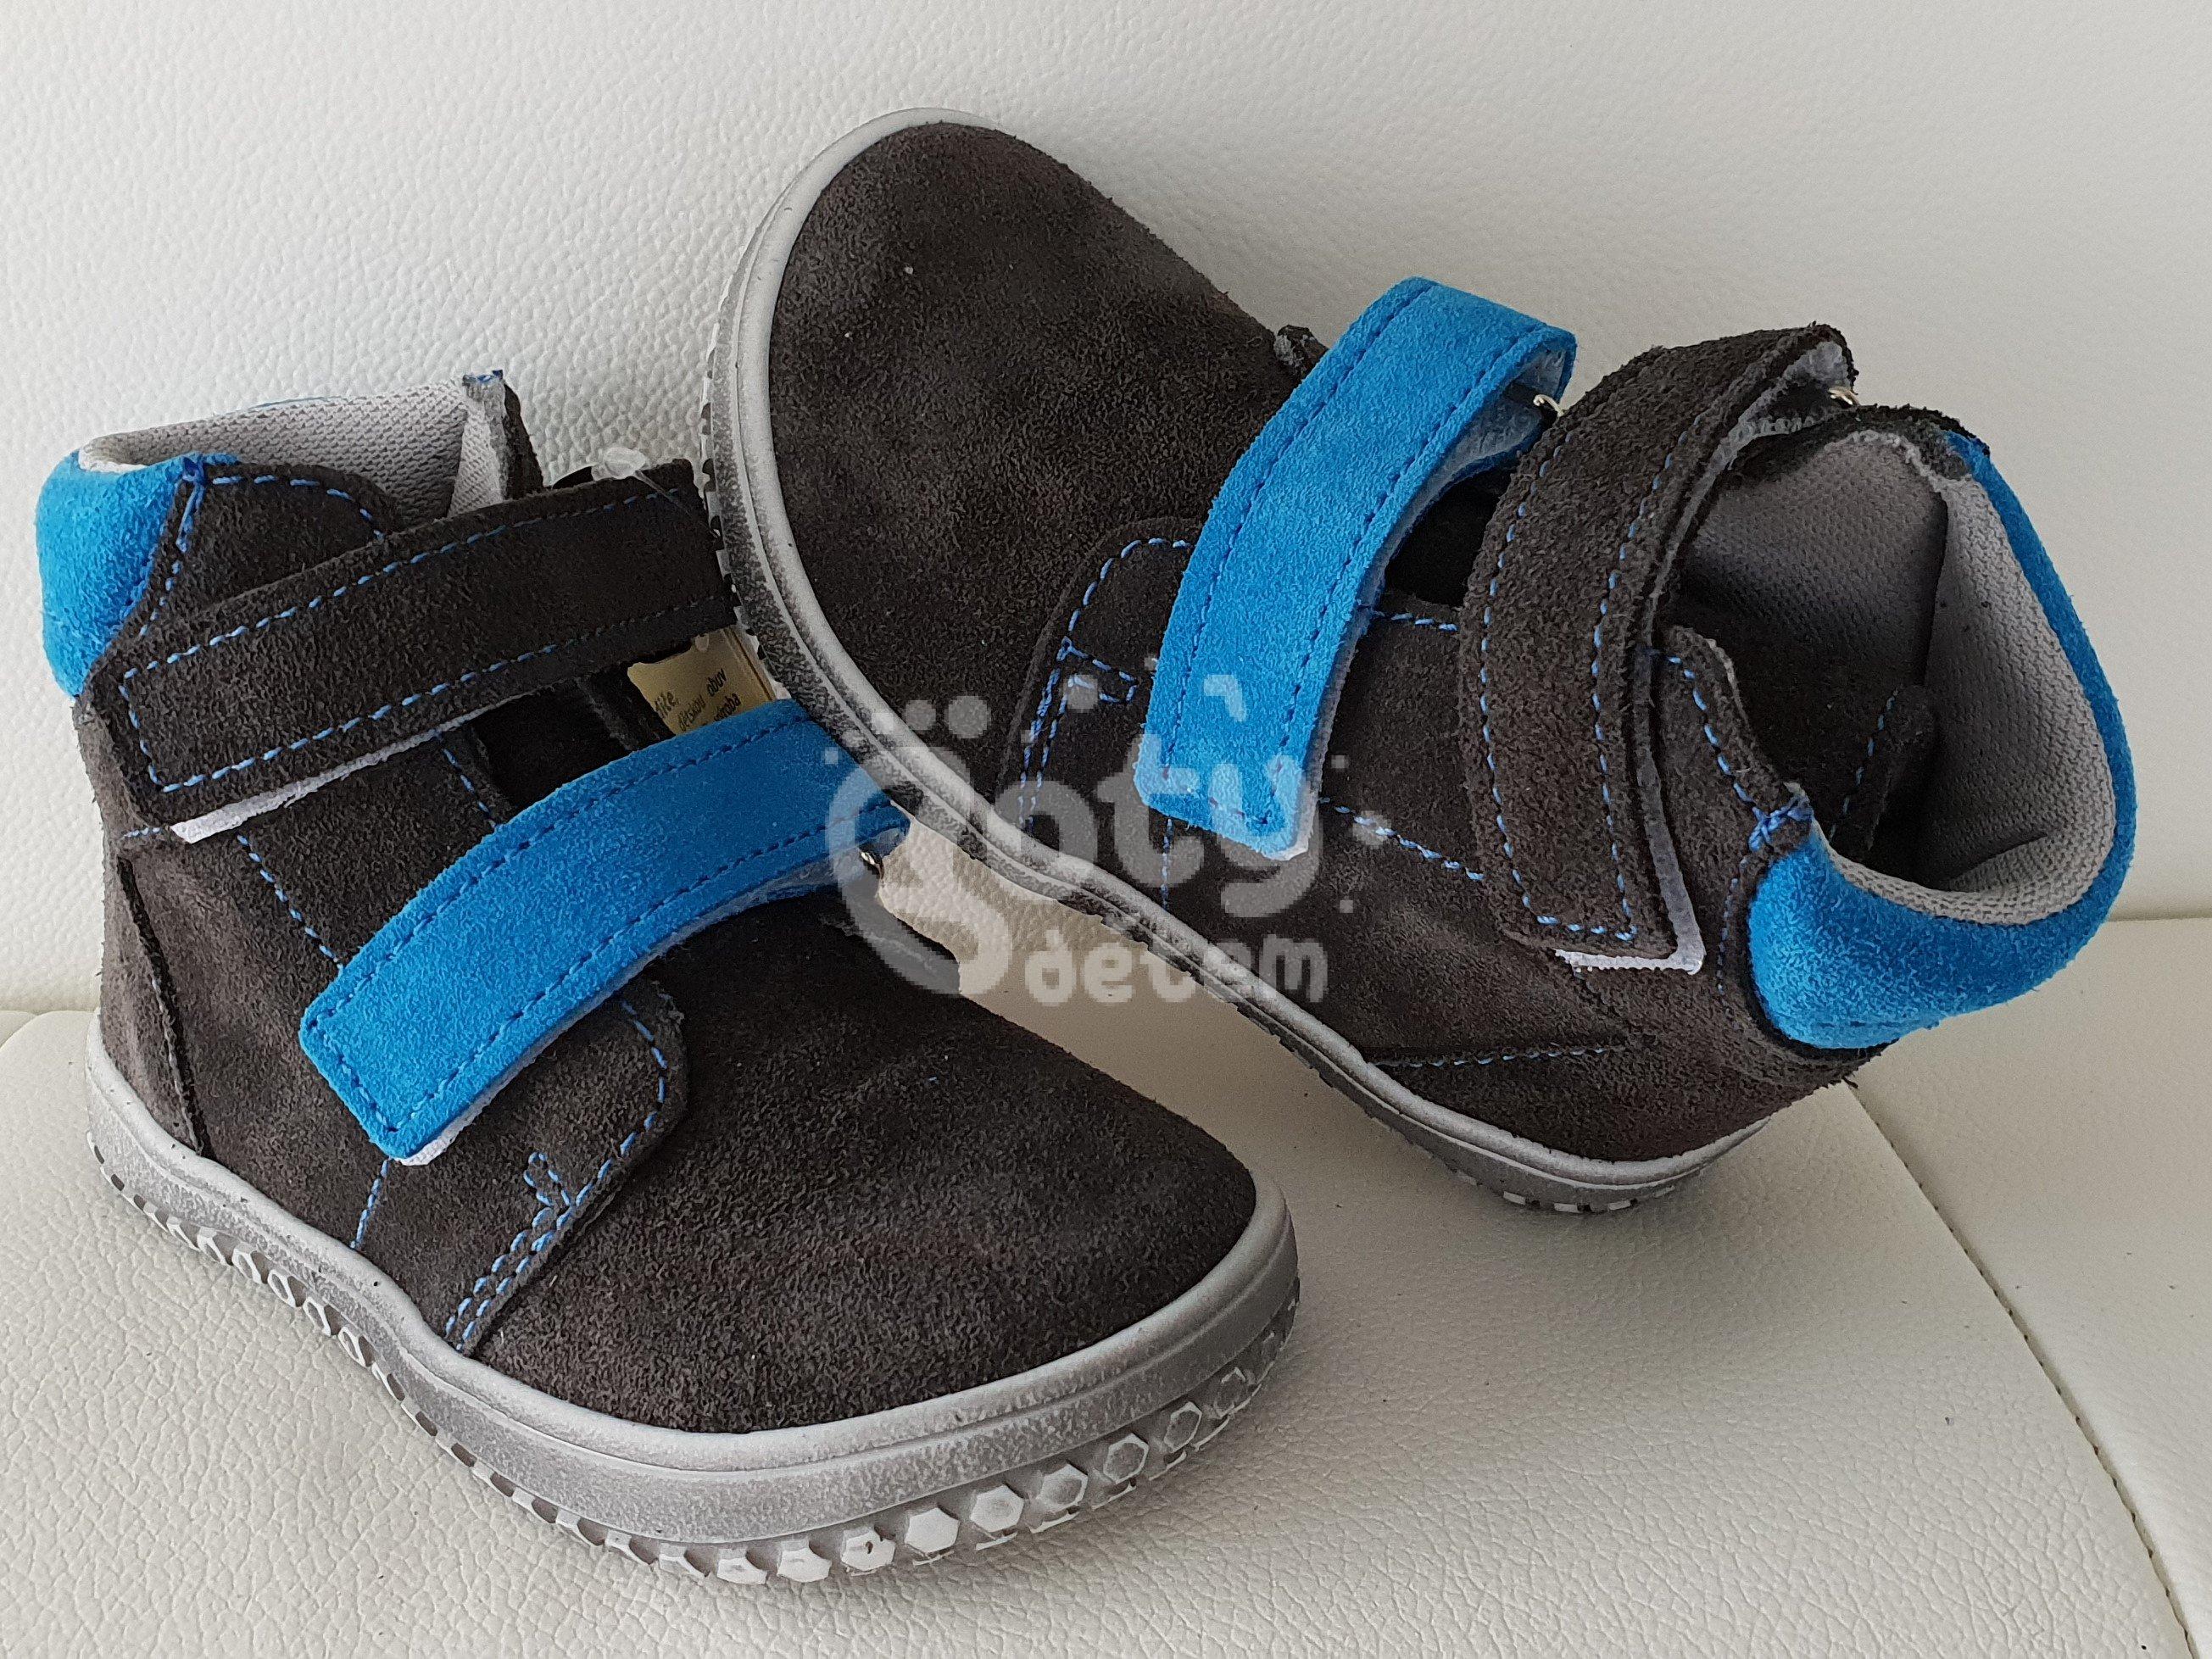 2f22c34d0eb Jonap barefoot boty B2V šedá-tyrkys - v nabídce značky Befado-Demar ...